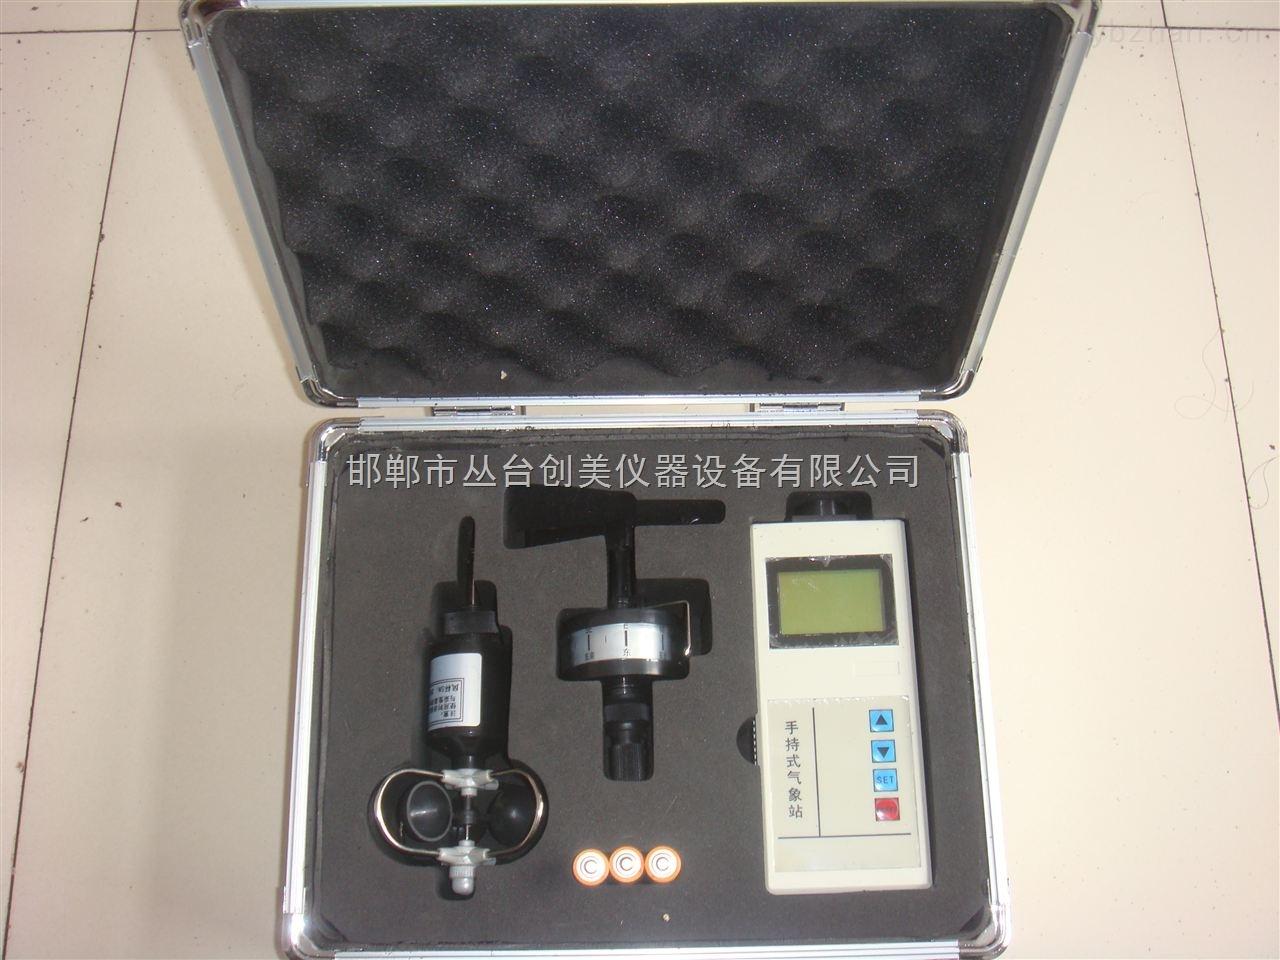 手持式气象站——测量精准易携带 节能低消耗